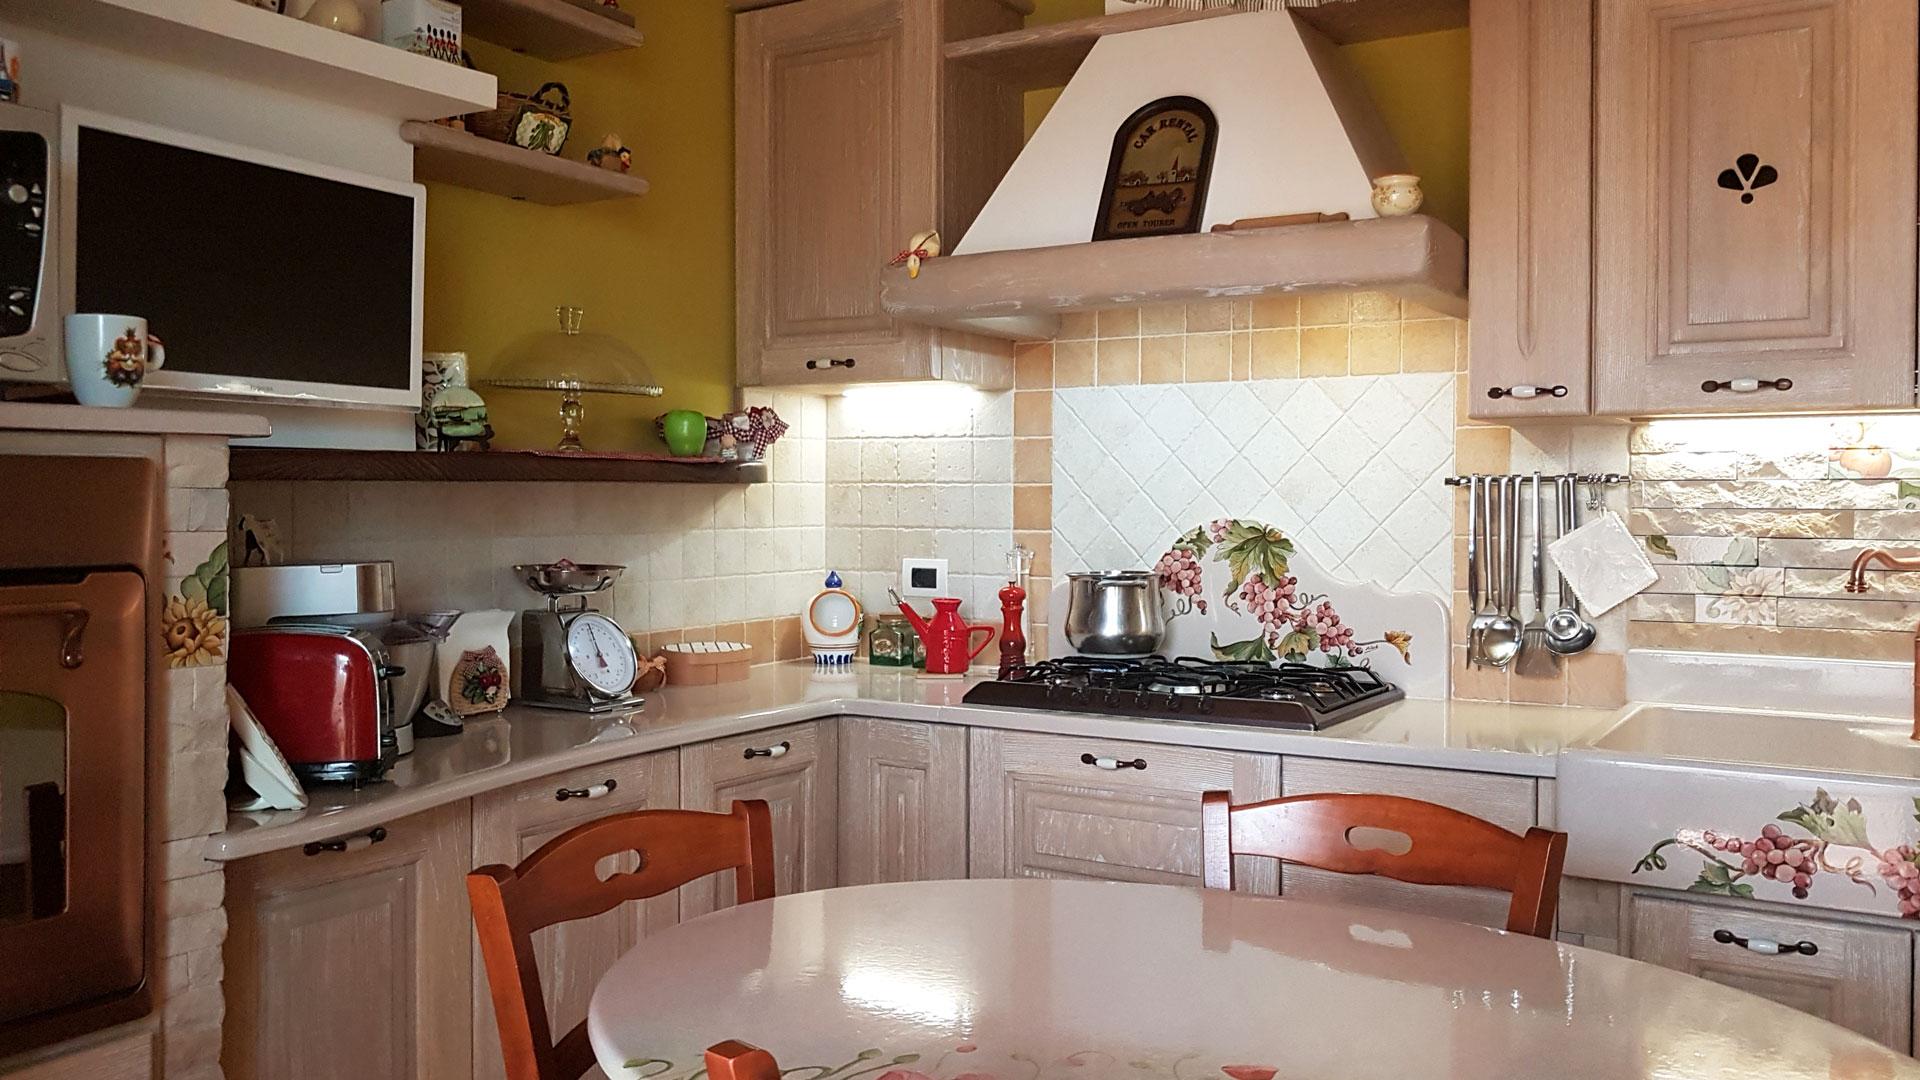 Cucine in finta muratura modello messina artesole - Arte sole cucine ...